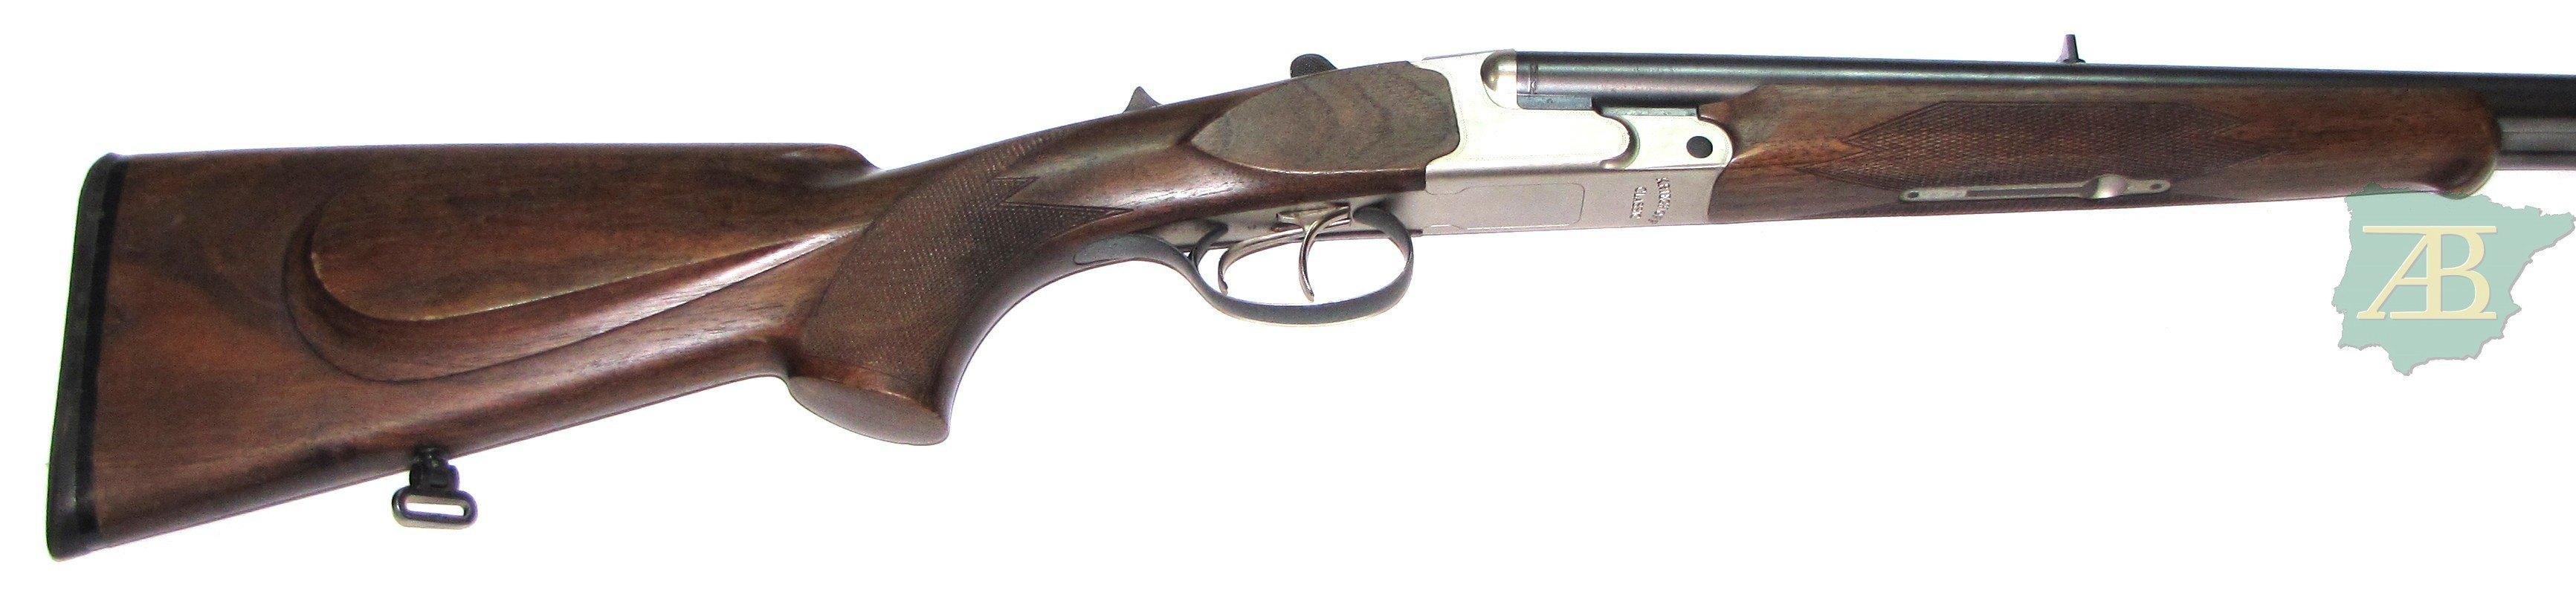 Rifle EXPRESS KRIEGHOFF CLASSIC ref 5281-armeriaiberica-2